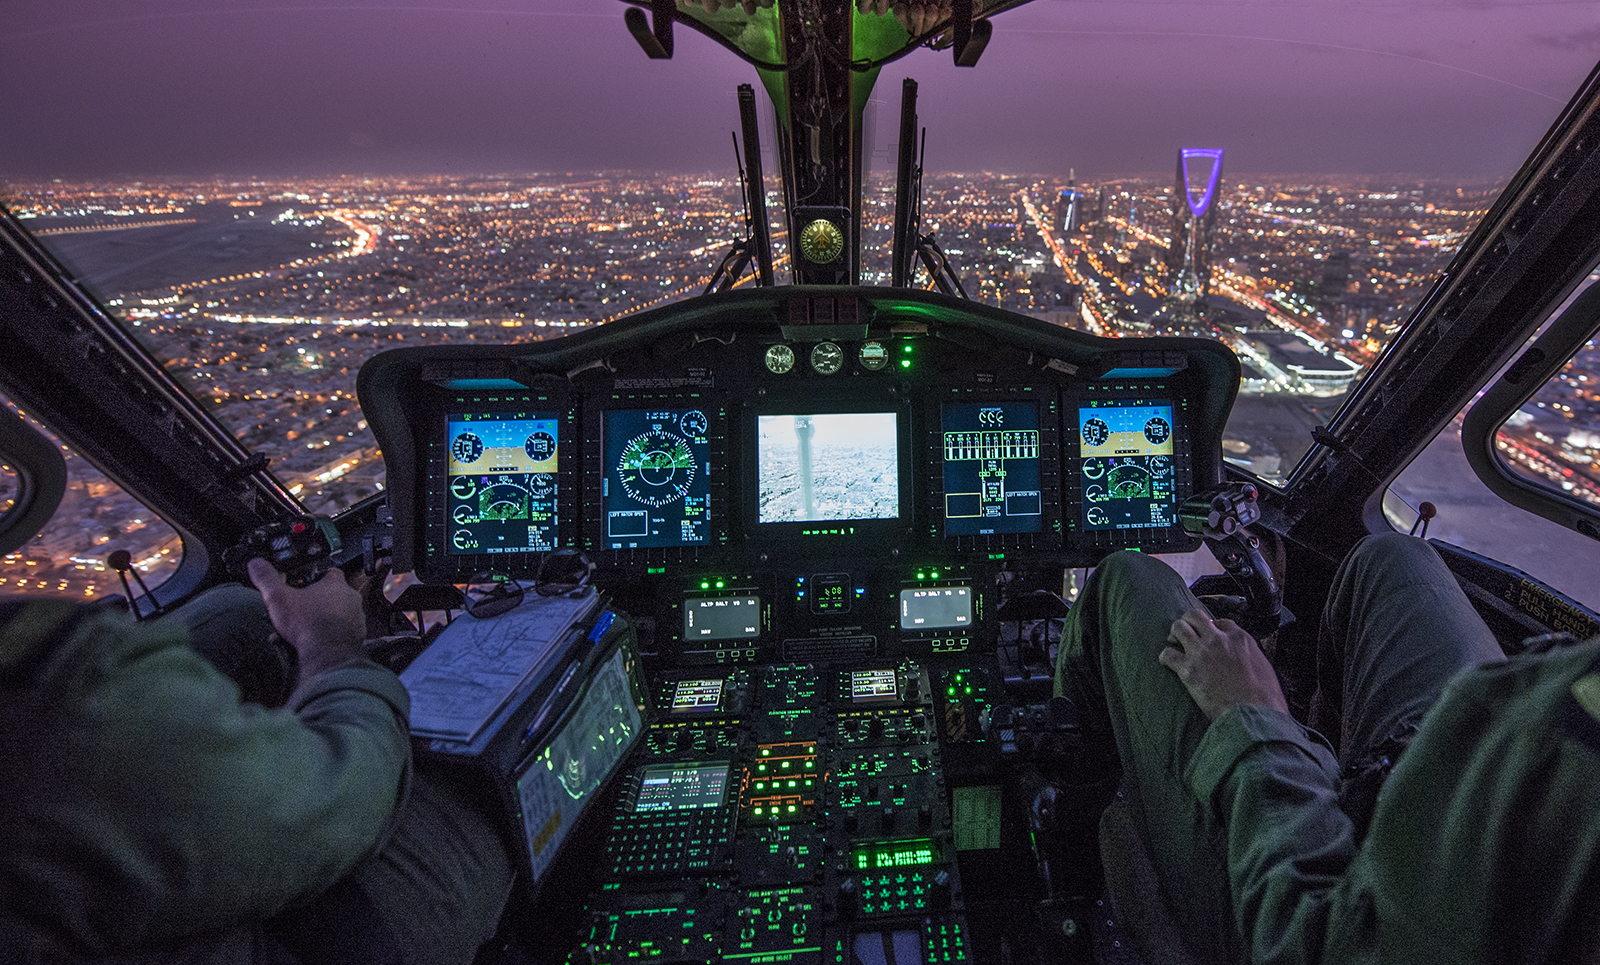 Riyadh At Night, Check Out Riyadh At Night : cnTRAVEL